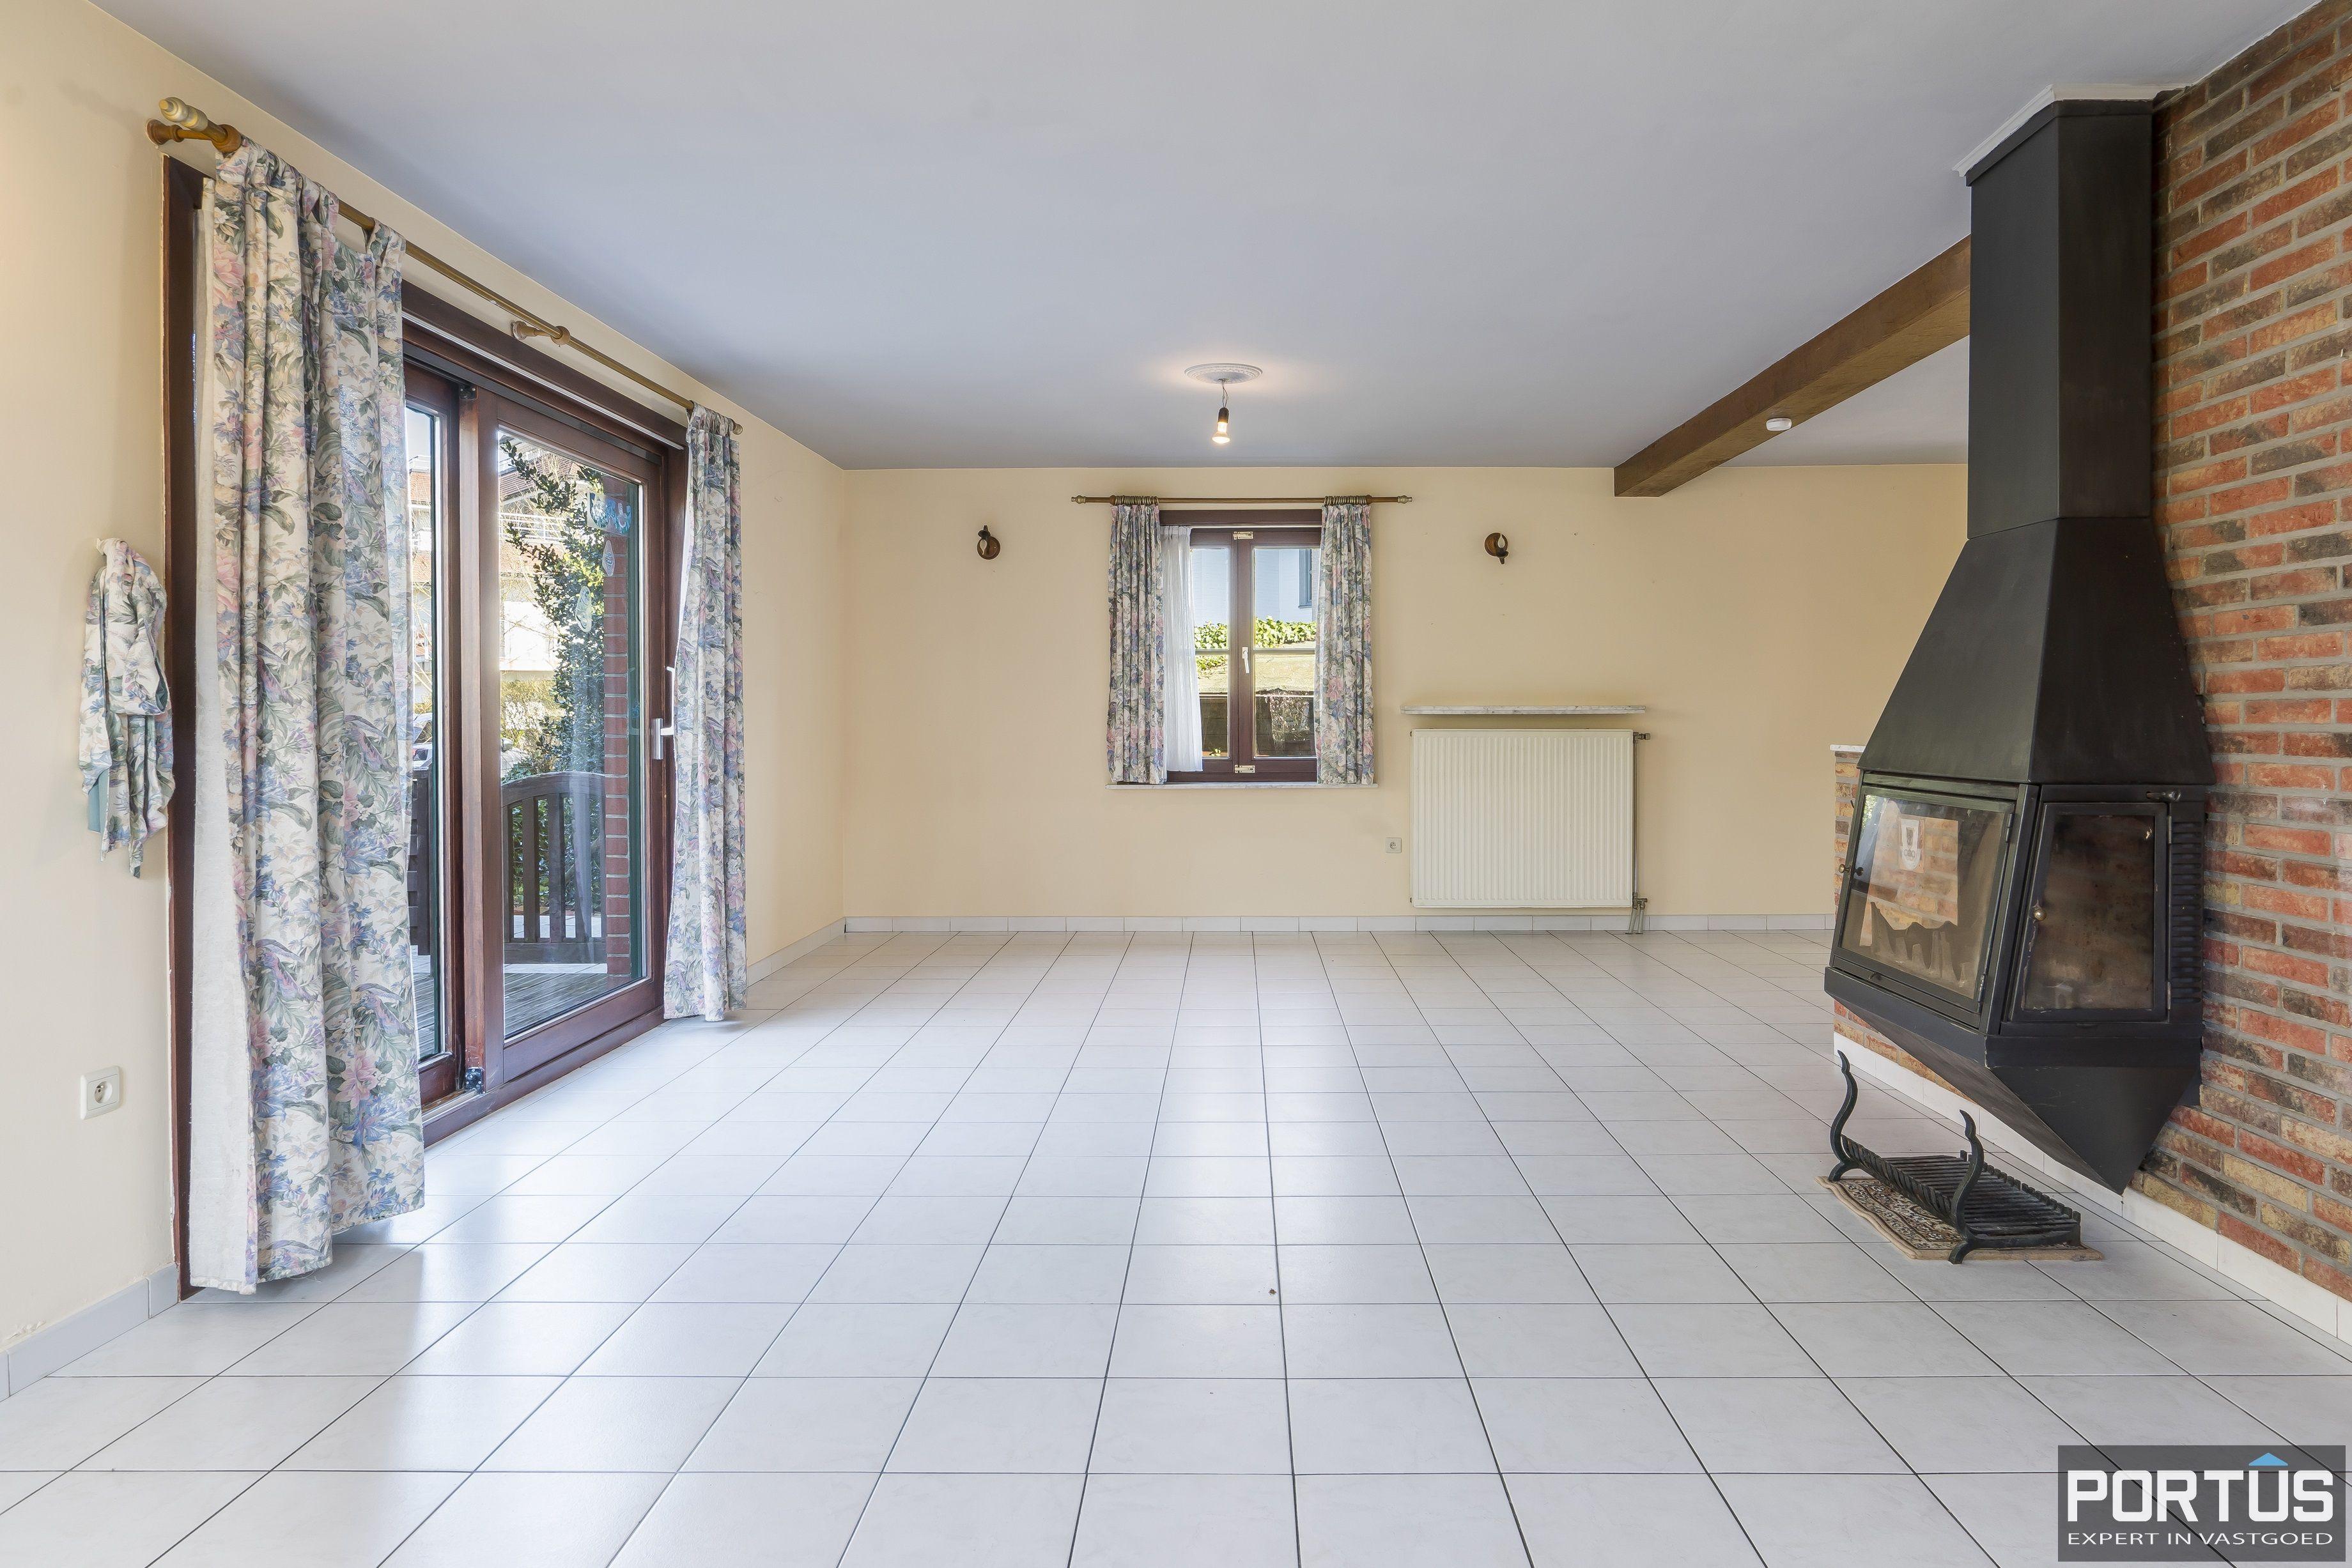 Villa te koop met 3 slaapkamers te Nieuwpoort - 13083